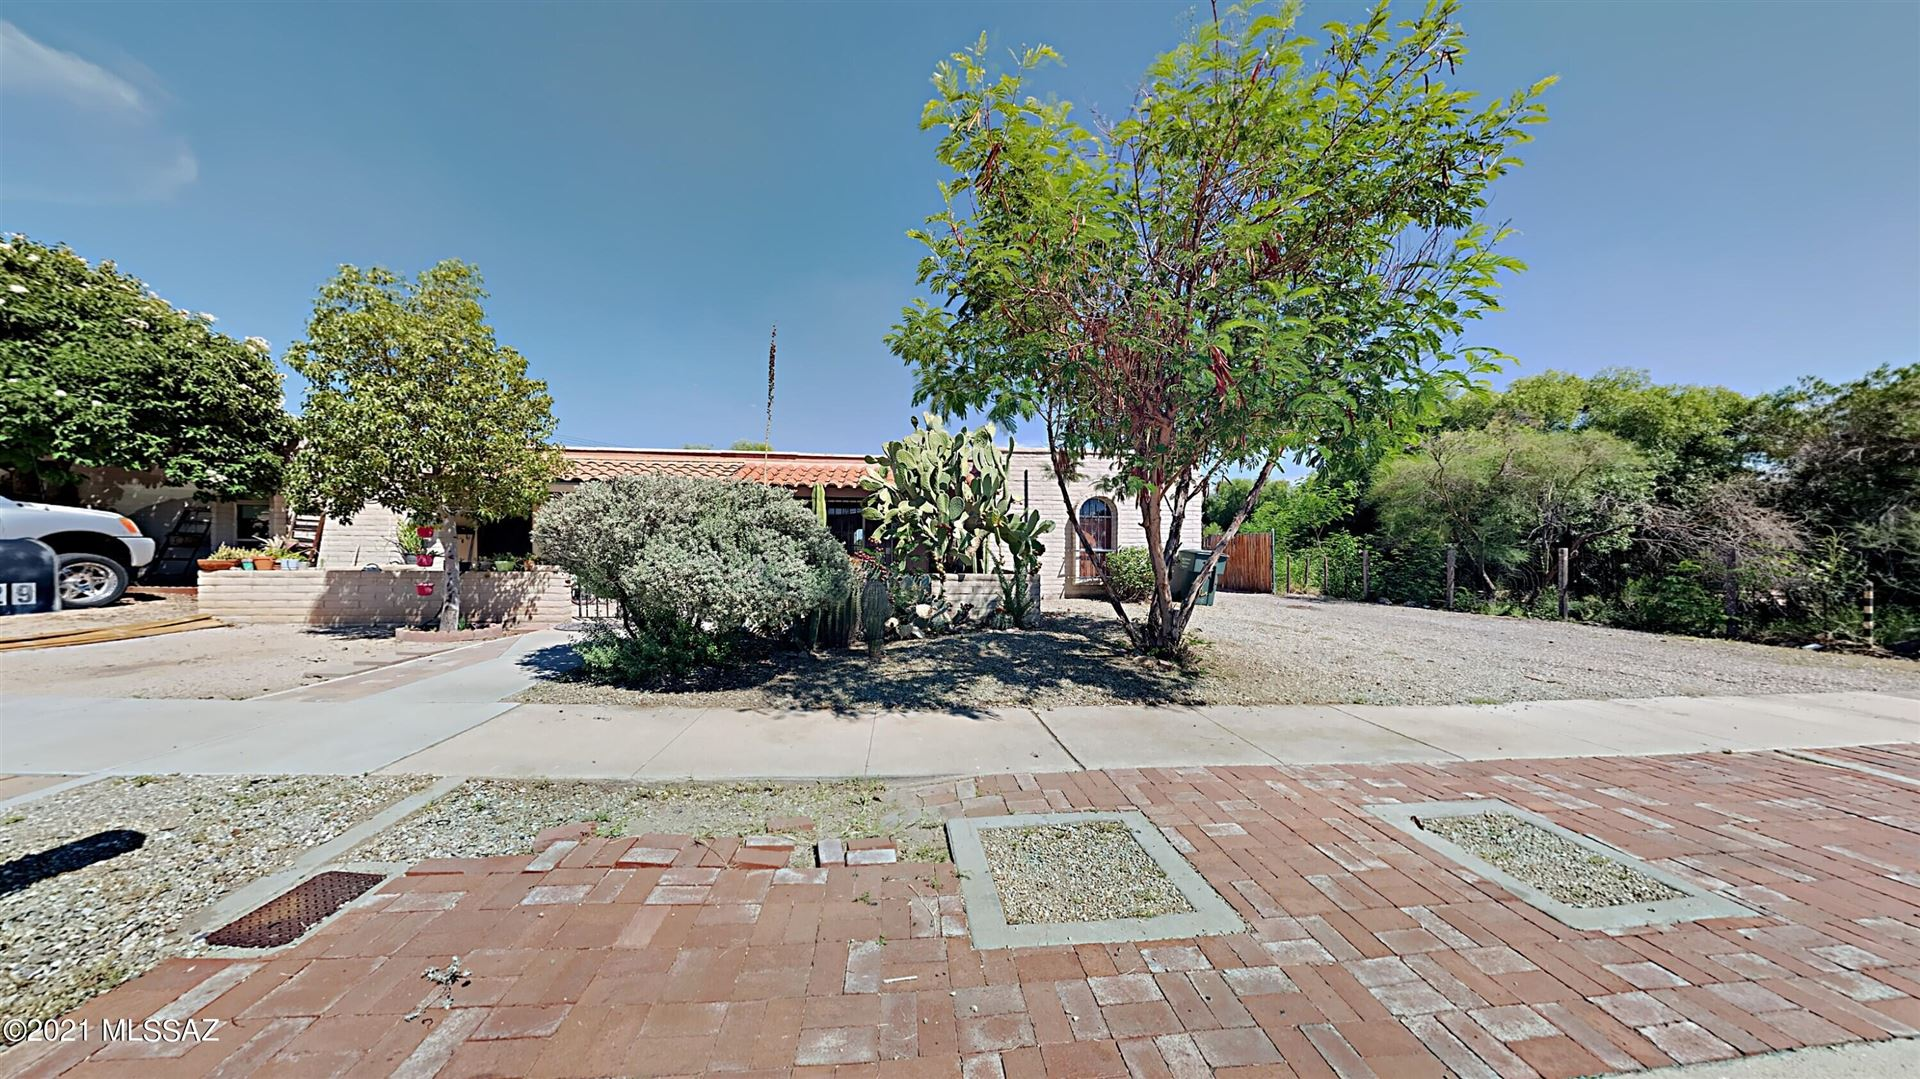 2729 S Lands End Road, Tucson, AZ 85713 - MLS#: 22123137